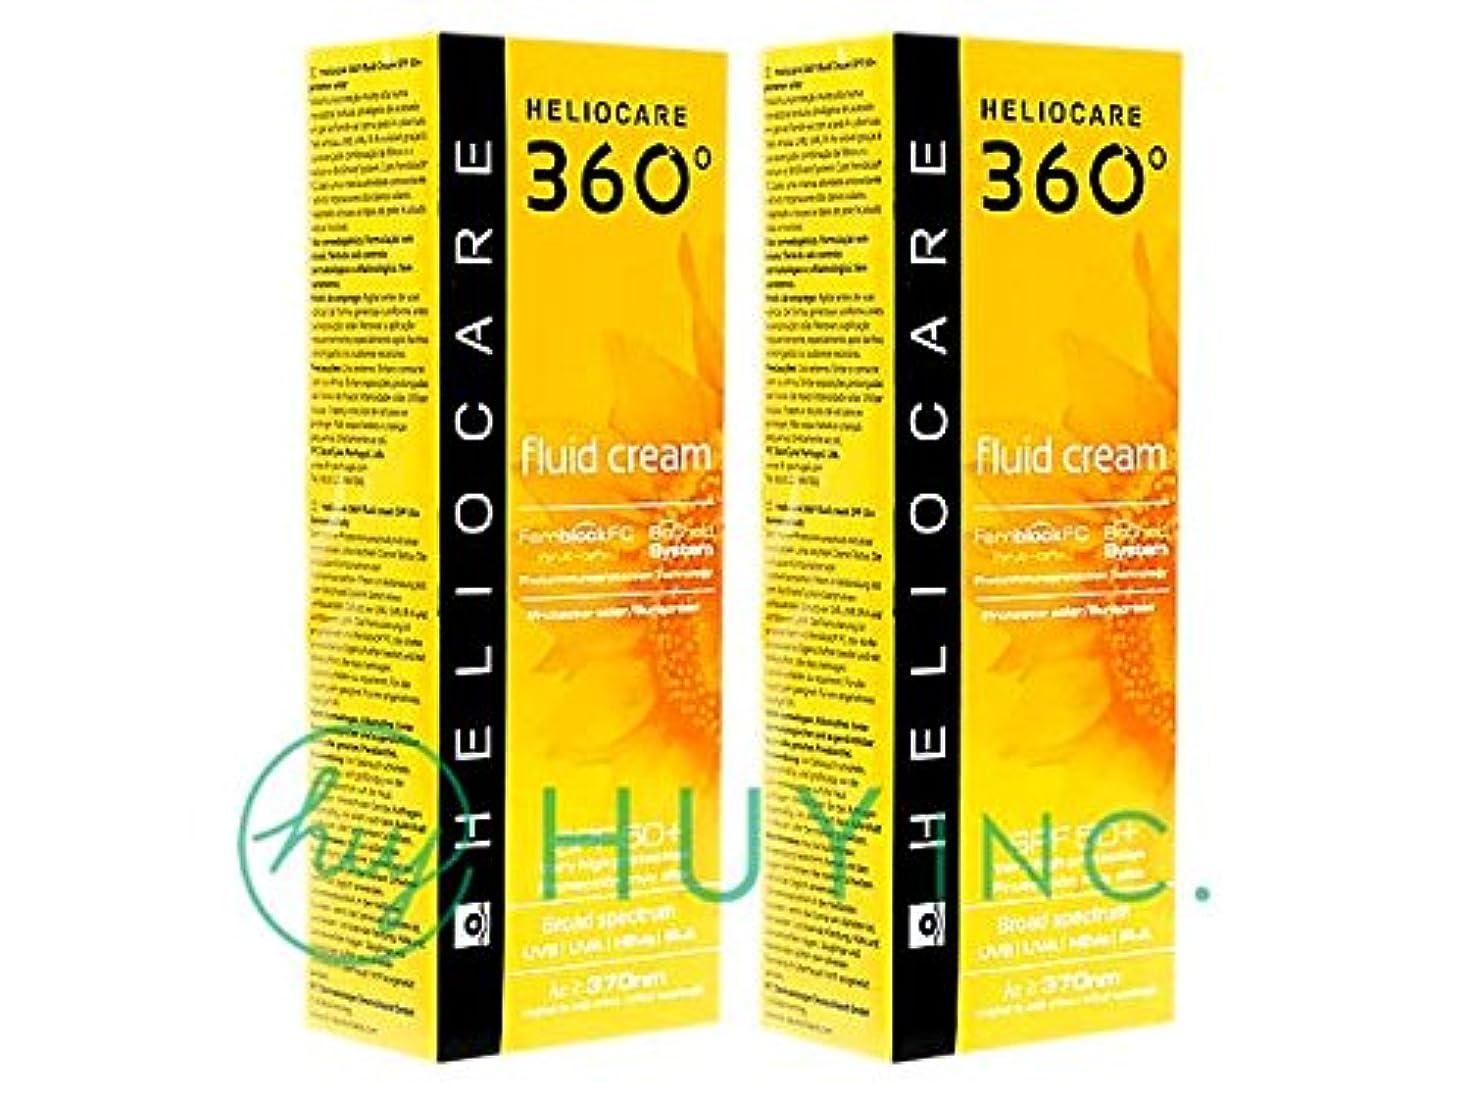 通信するアプローチオーガニックヘリオケア 360°フルイドクリーム(Heliocare360FluidCream)SPF50+ 2ボトル(50ml×2) [並行輸入品]